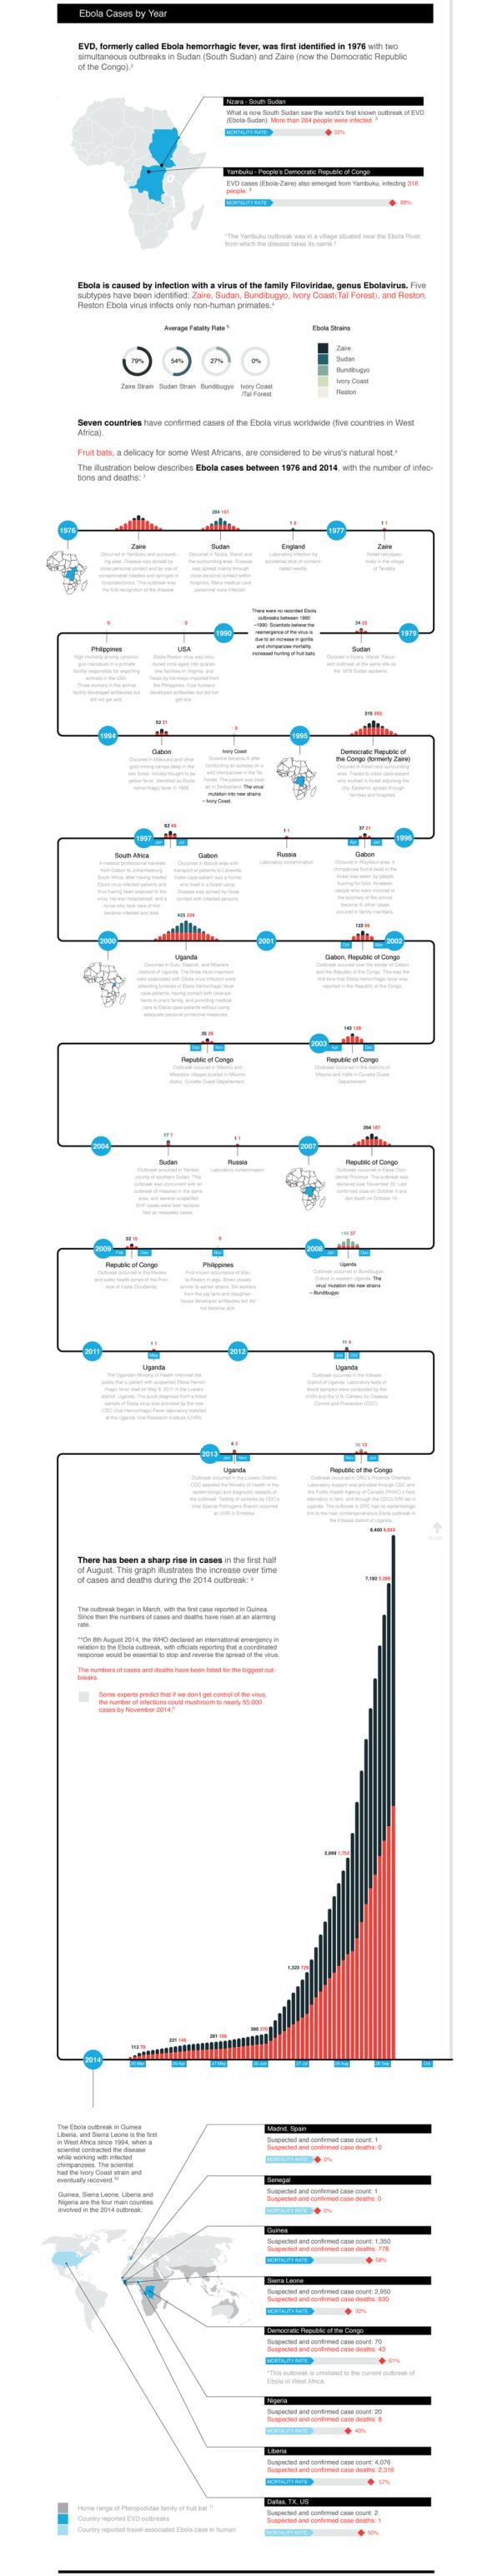 ebola_timeline.0